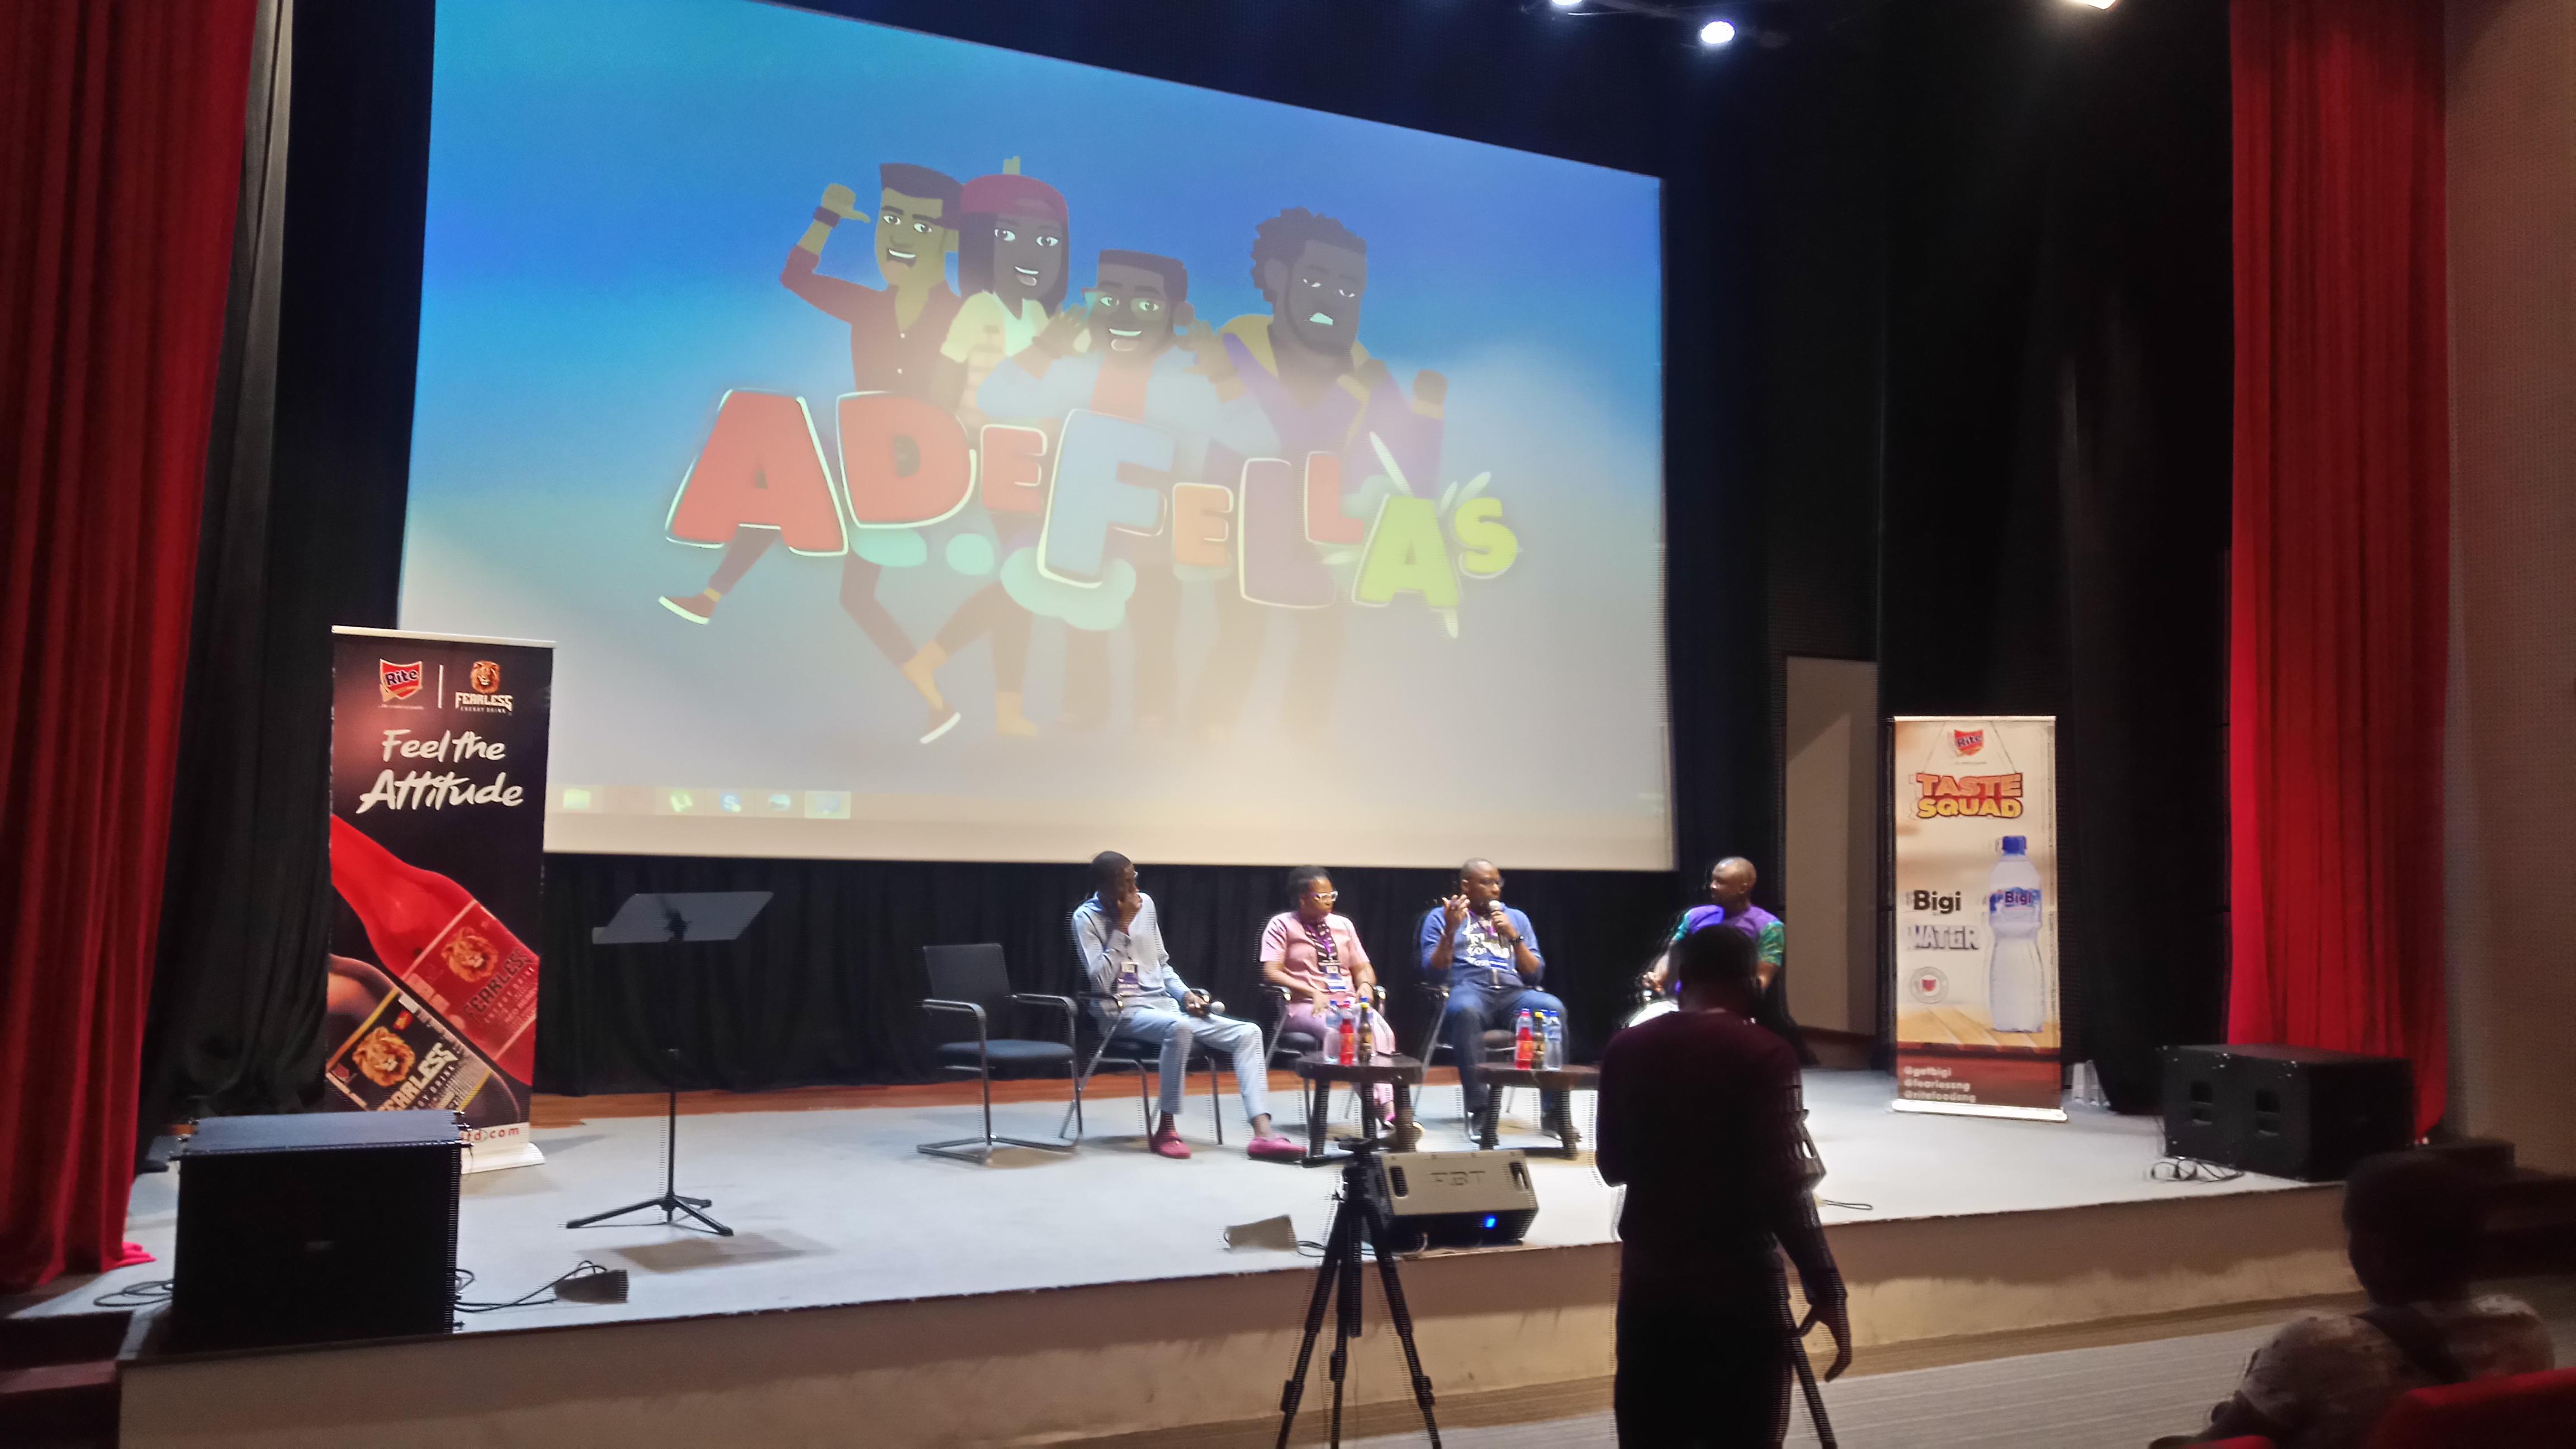 IMG 20190920 134724 3 - What We Saw at Lagos Comic Con 2019: Malika, Ratnik, Hero Corp & Joker